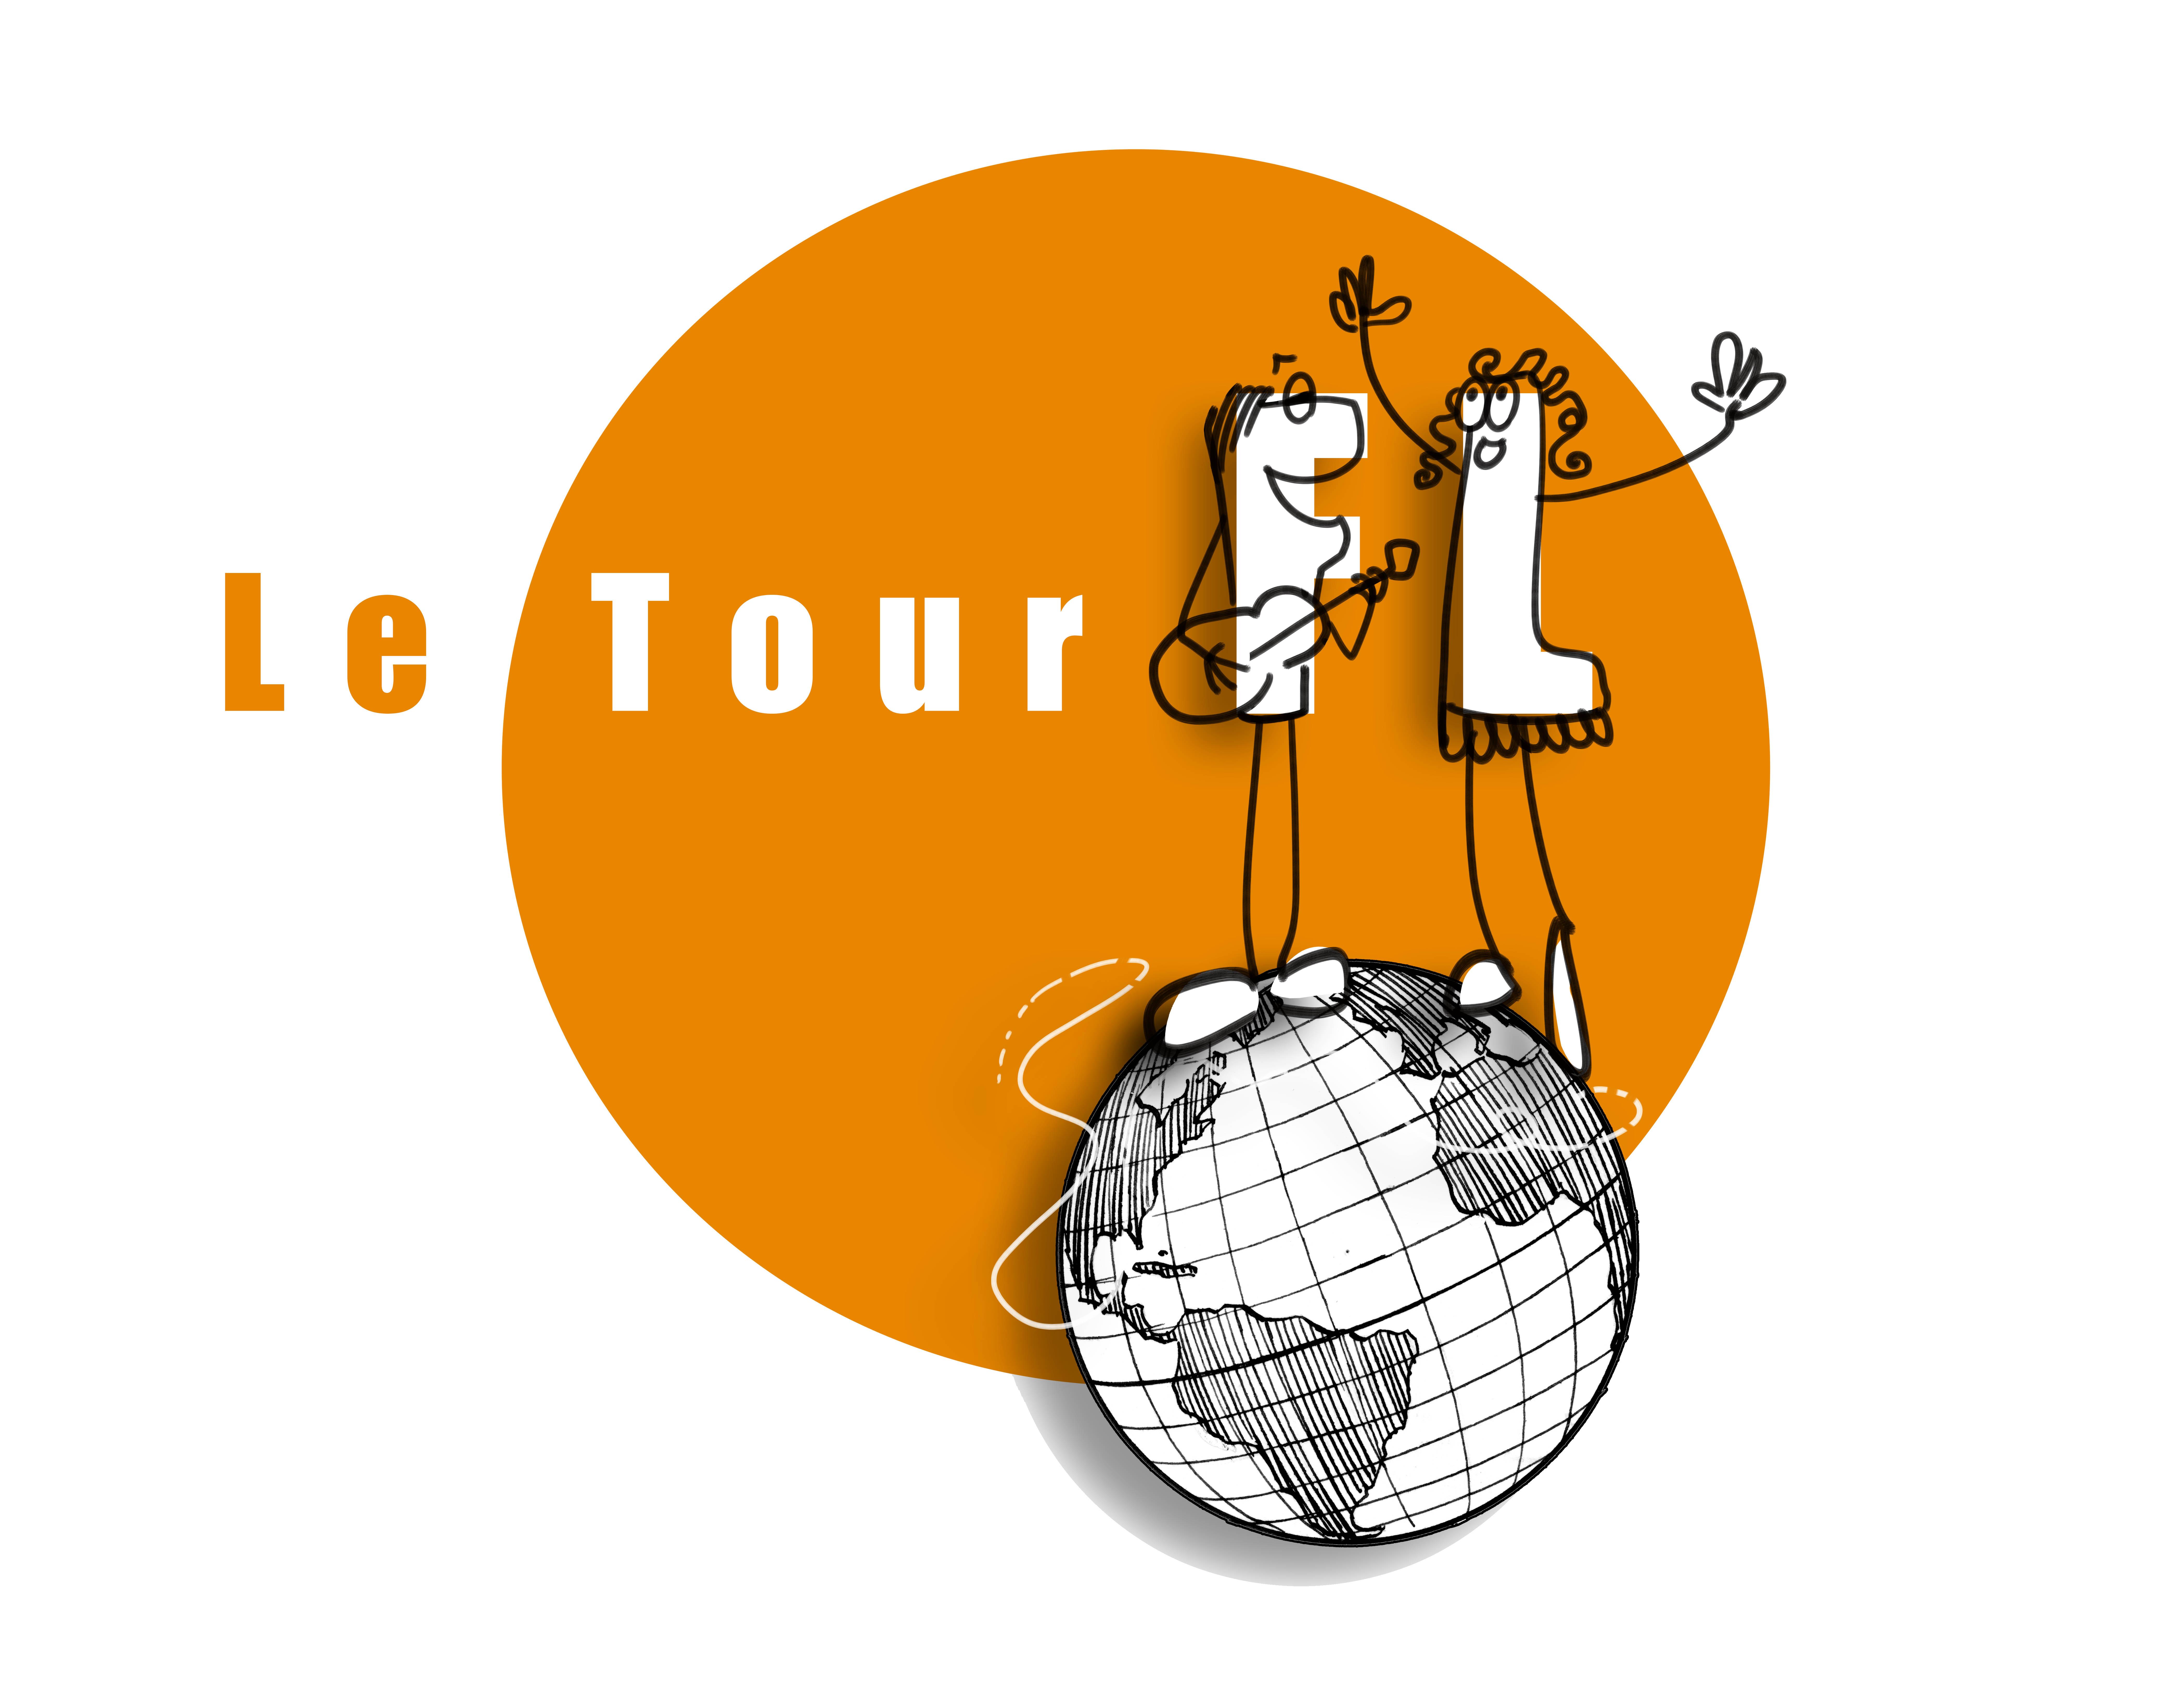 FL TOUR LOGO fond blc